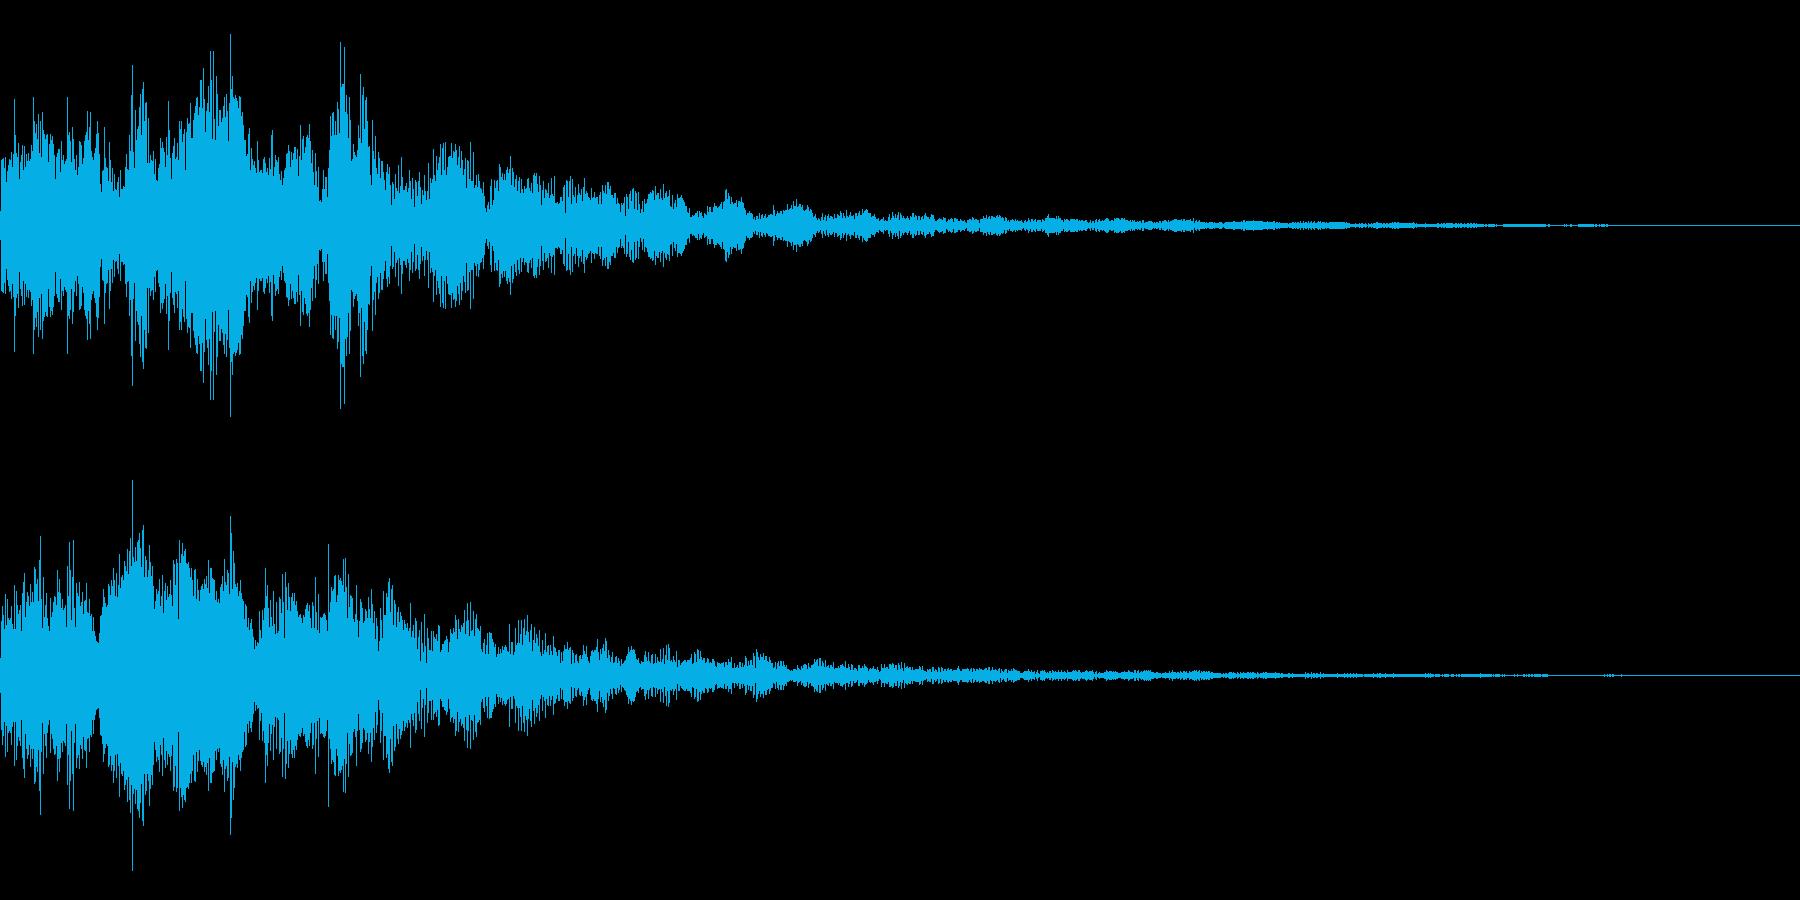 明るいテロップ音 ボタン音 決定音14bの再生済みの波形